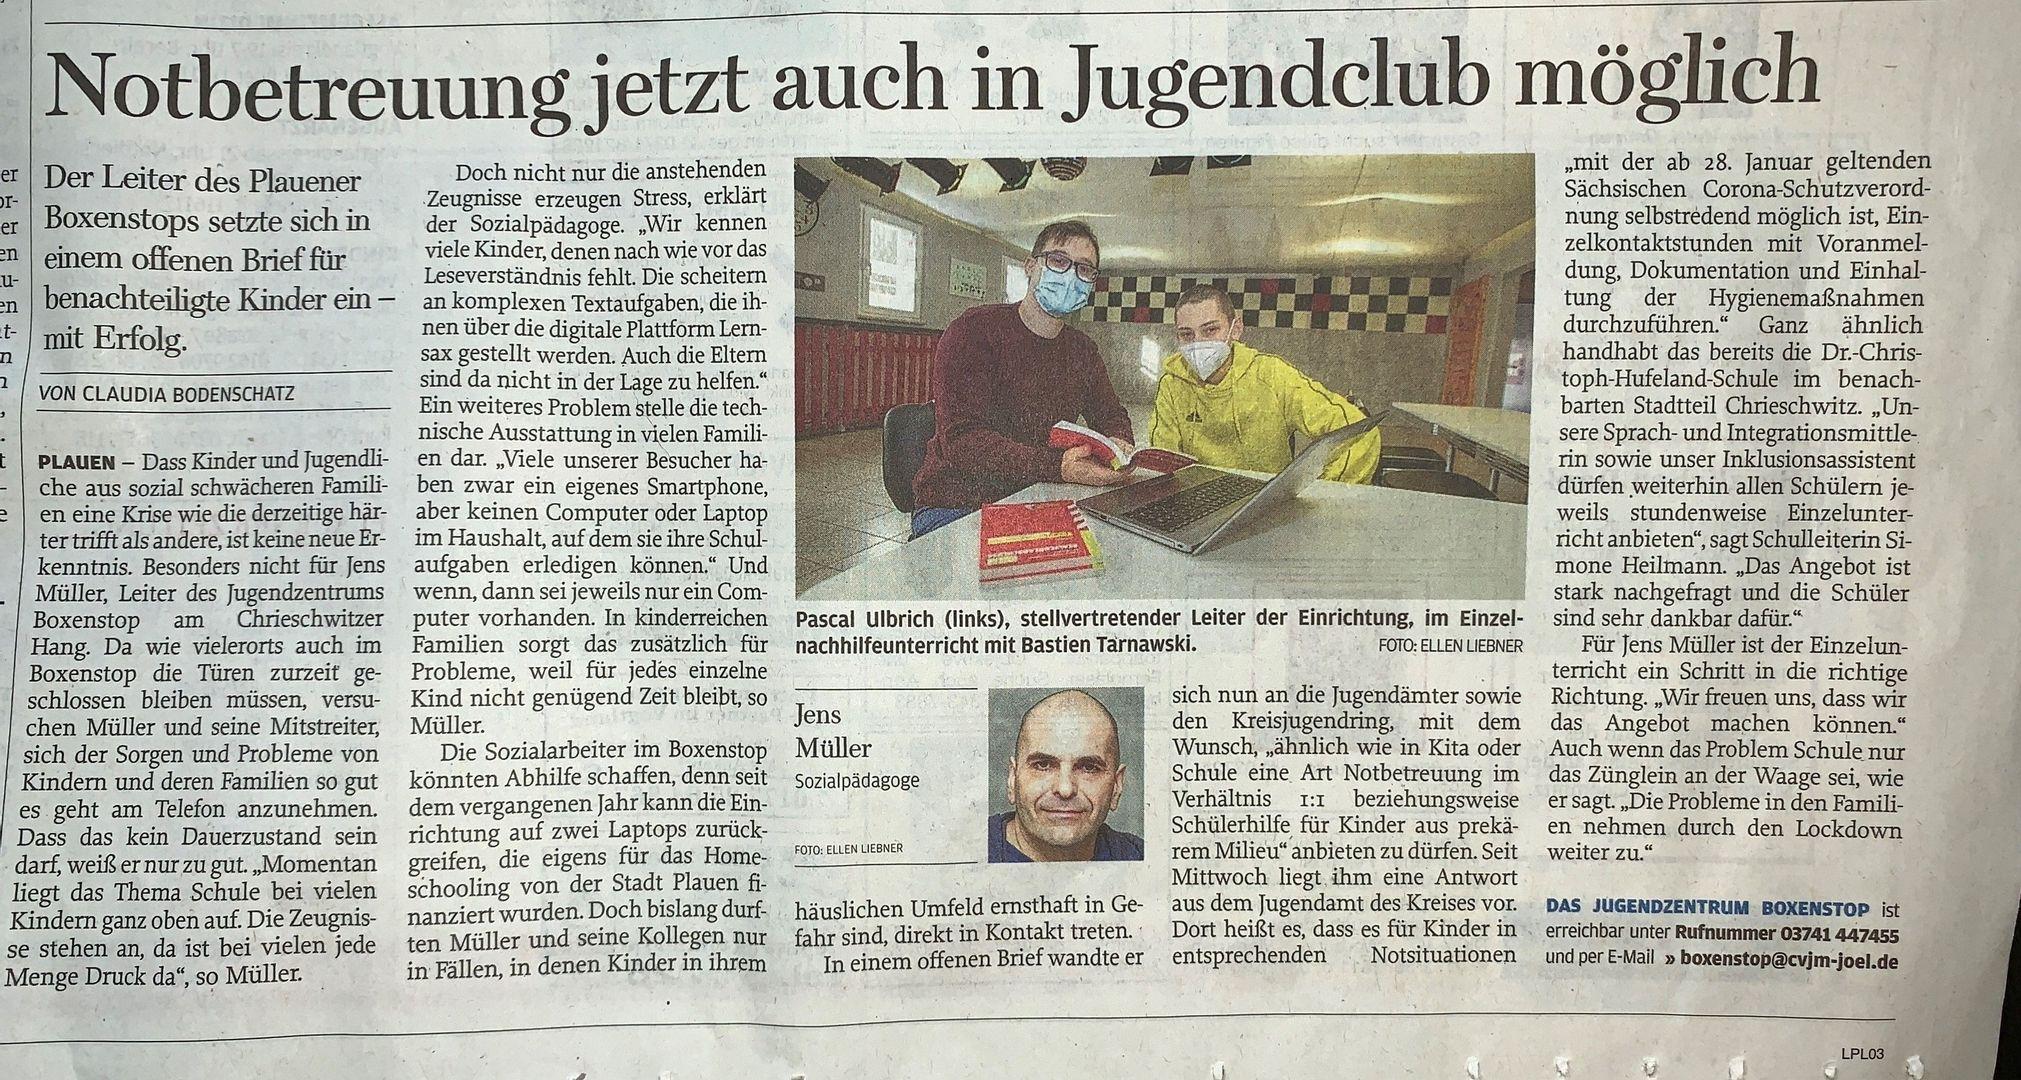 Zeitungsartikel der Freien Presse vom 02.02.